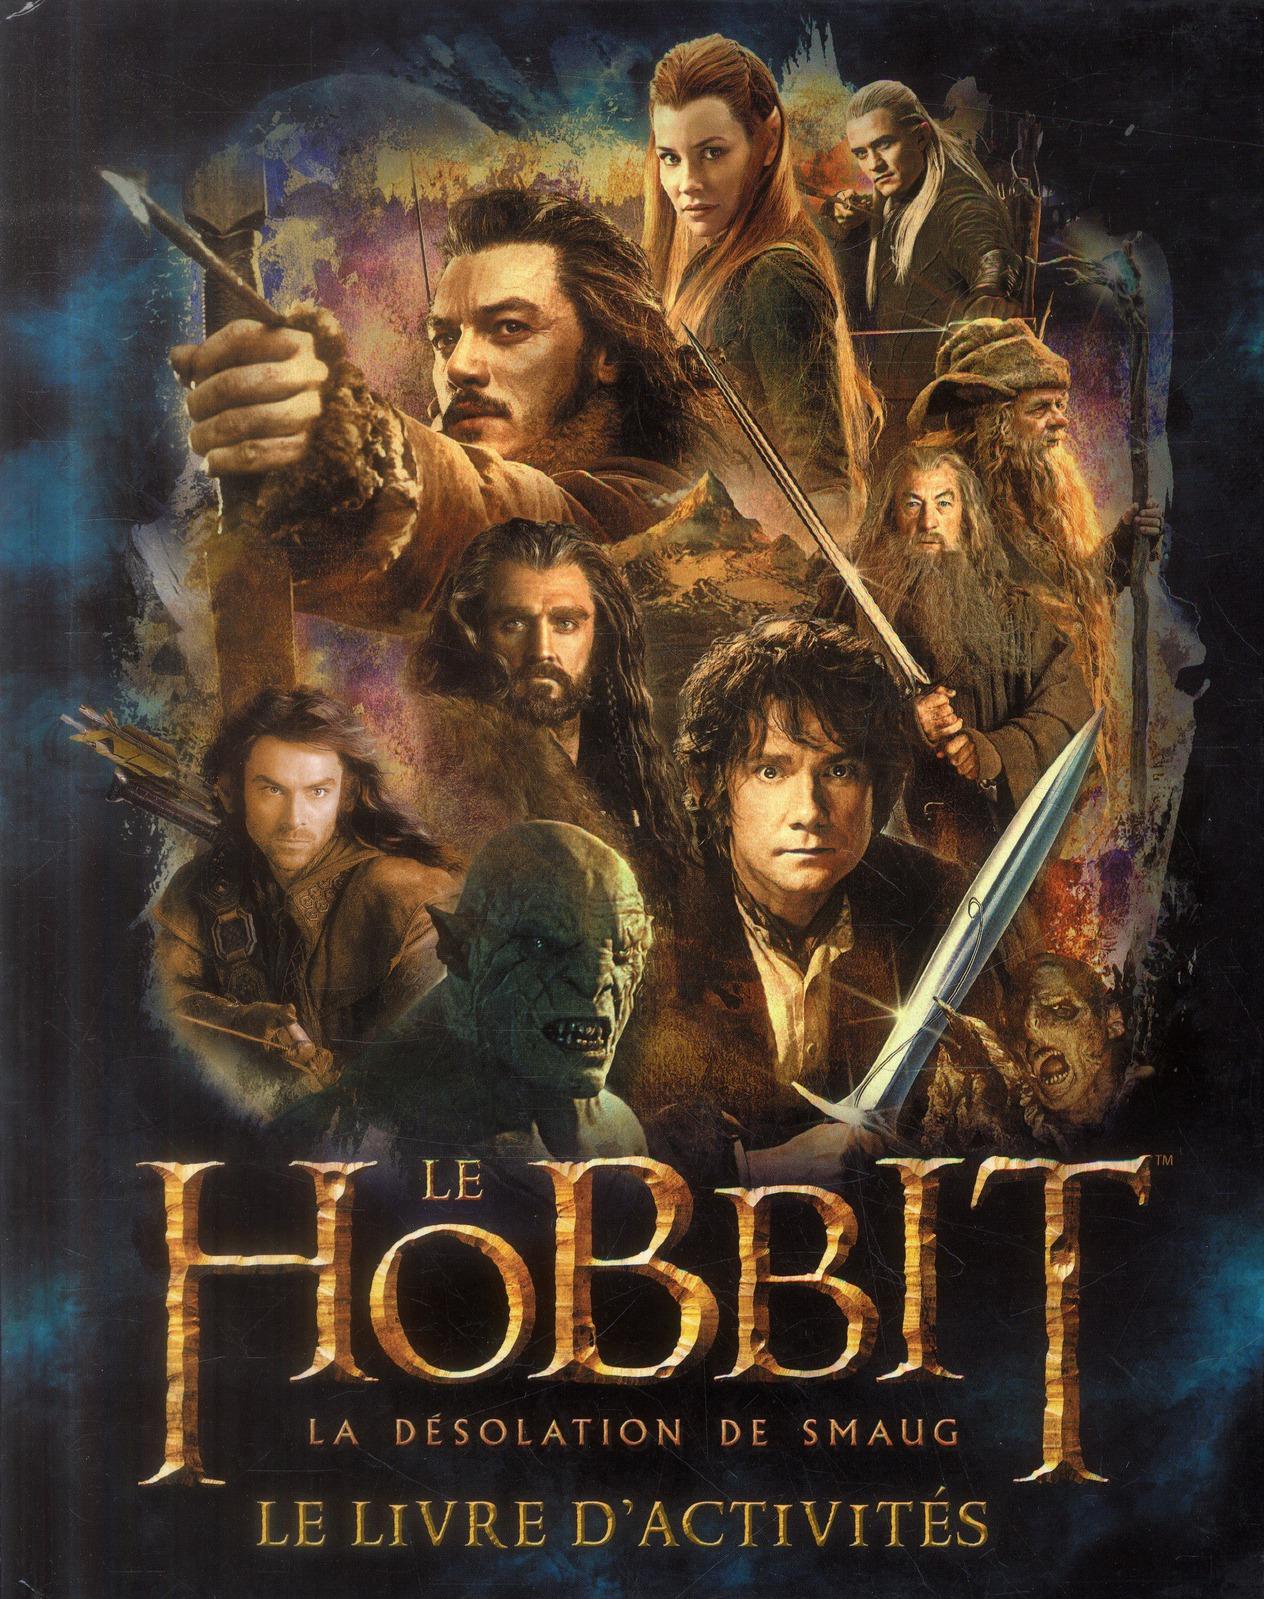 Le Hobbit ; la désolation de Smaug ; le livre d'activités